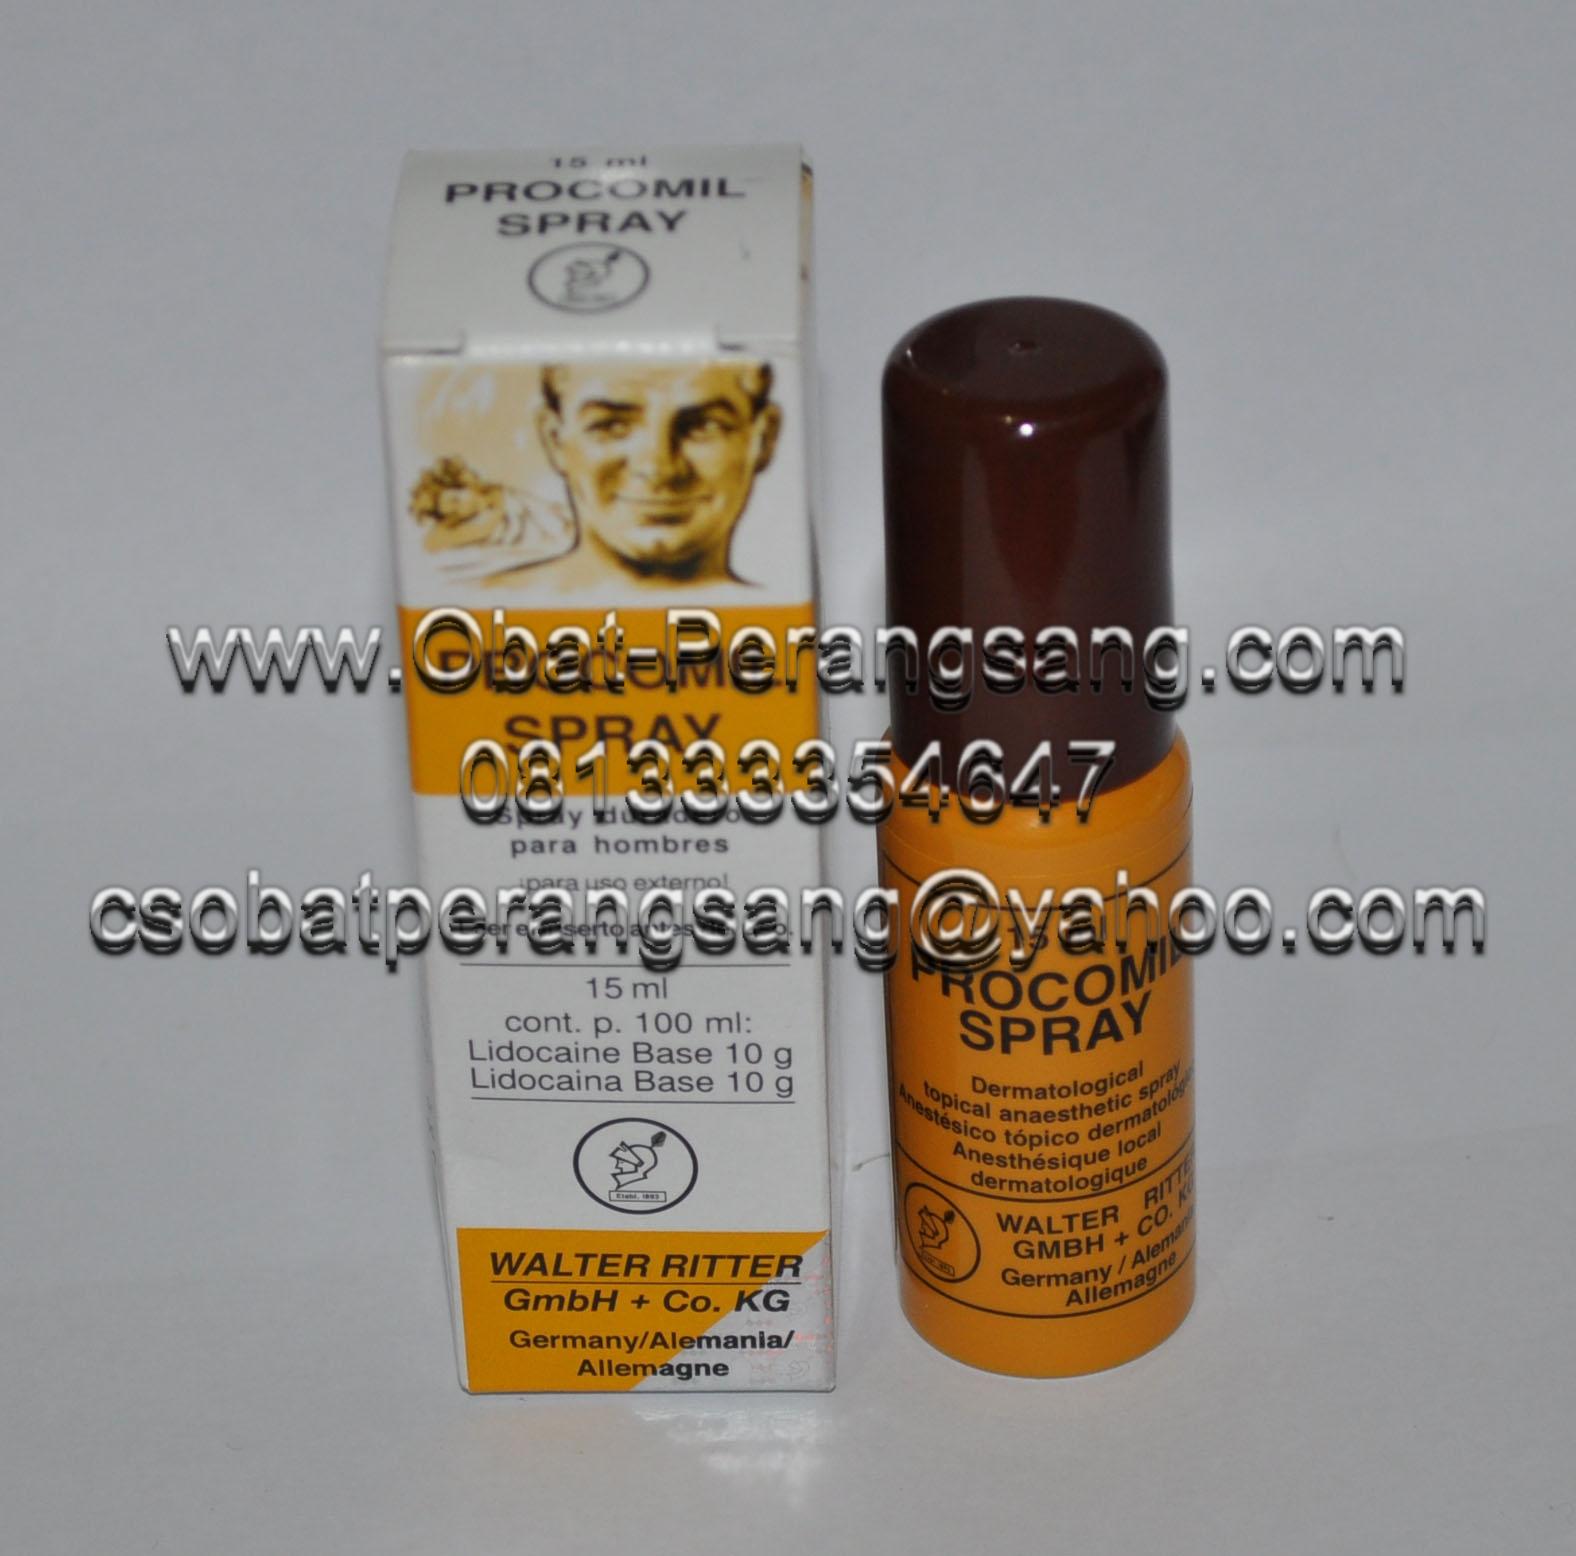 Nany Kosmetik: PROCOMIL SPRAY Obat Anti Ejakulasi Dini